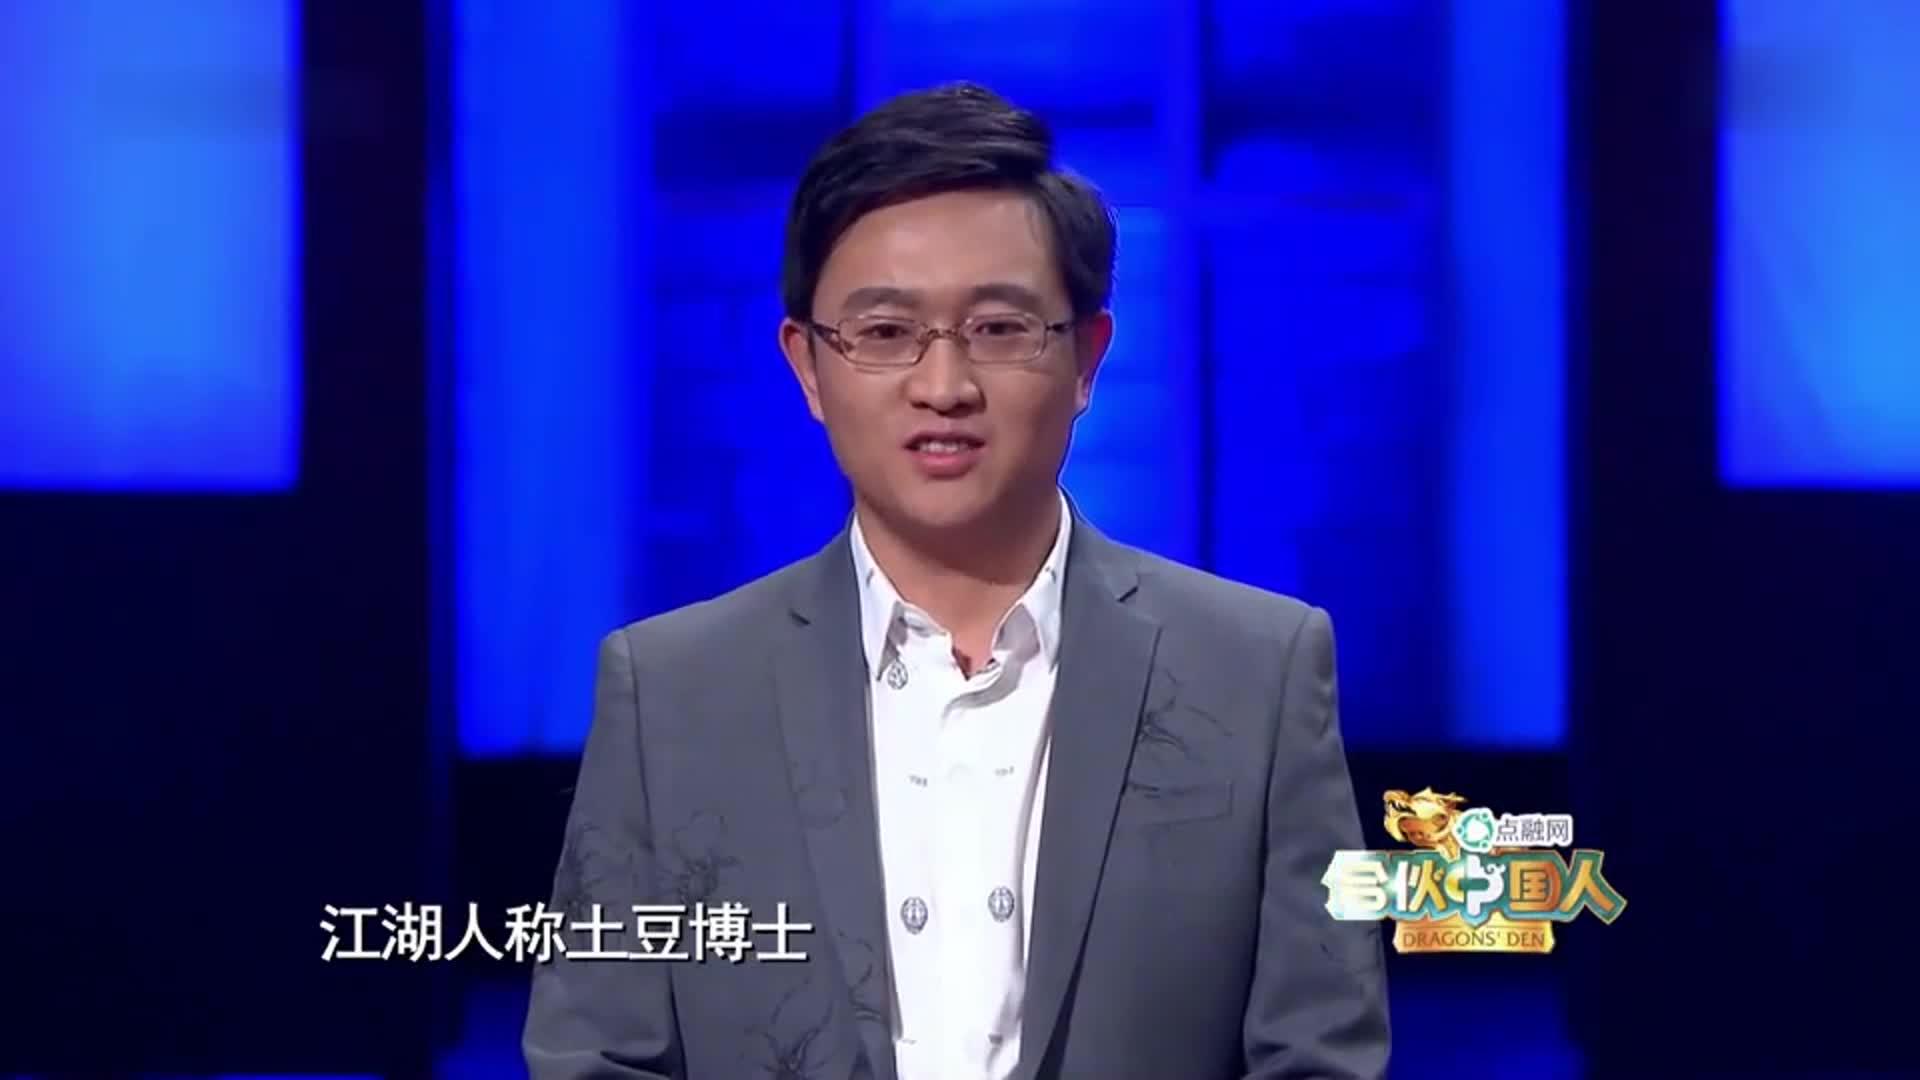 合伙中国人:小伙豪言五年五个亿要融资450万,徐小平直接投750万